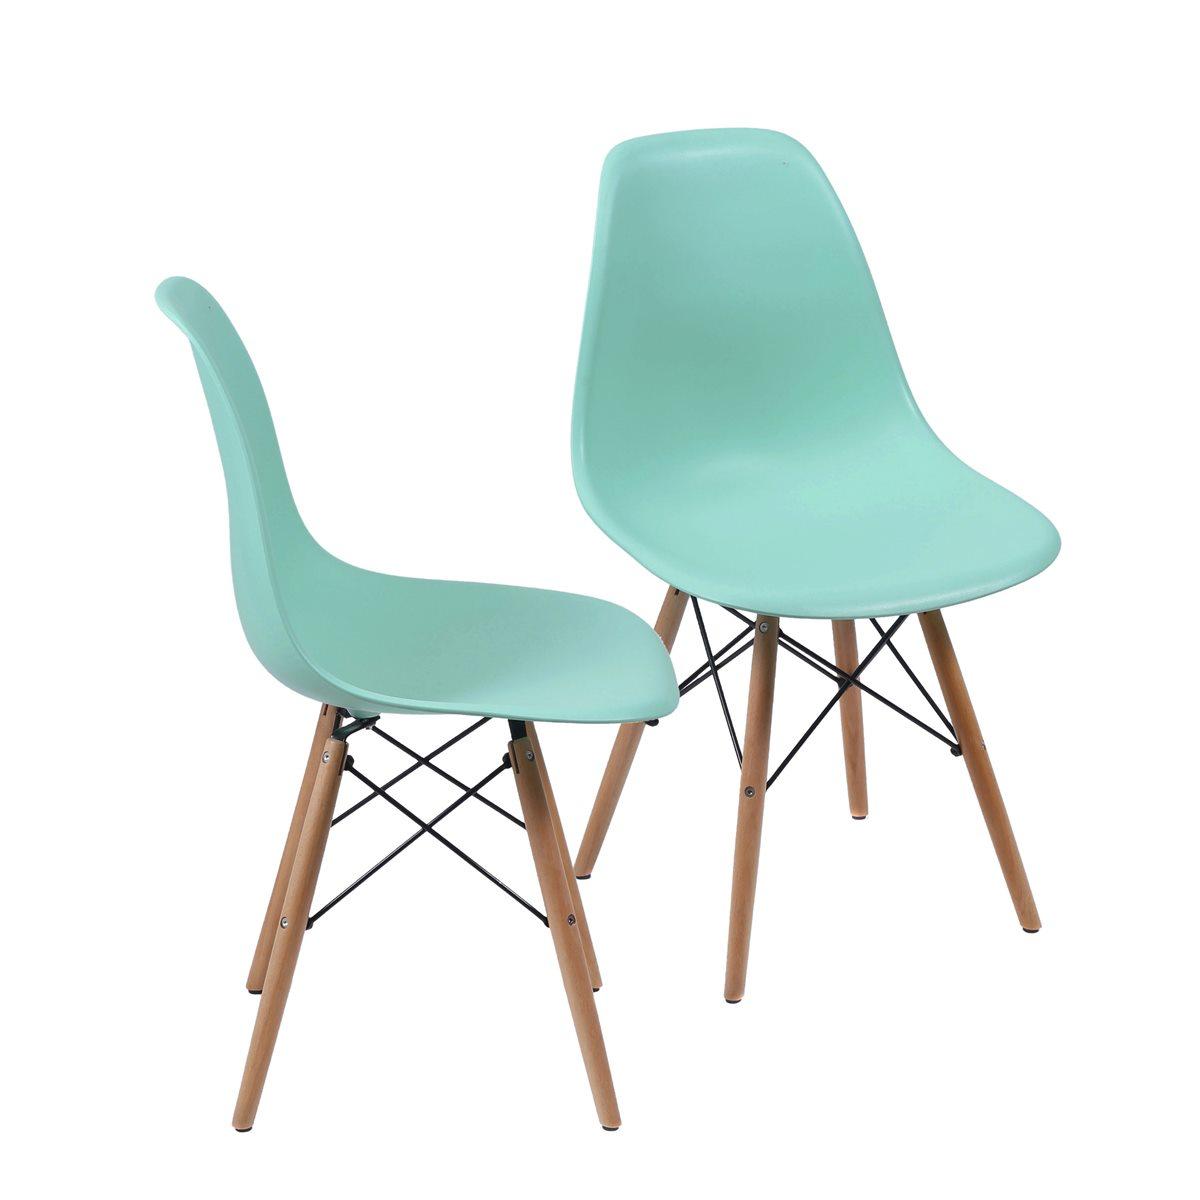 Conjunto 2 Cadeiras Eames Dsw Madeira com Concha em Polipropileno - Várias Cores